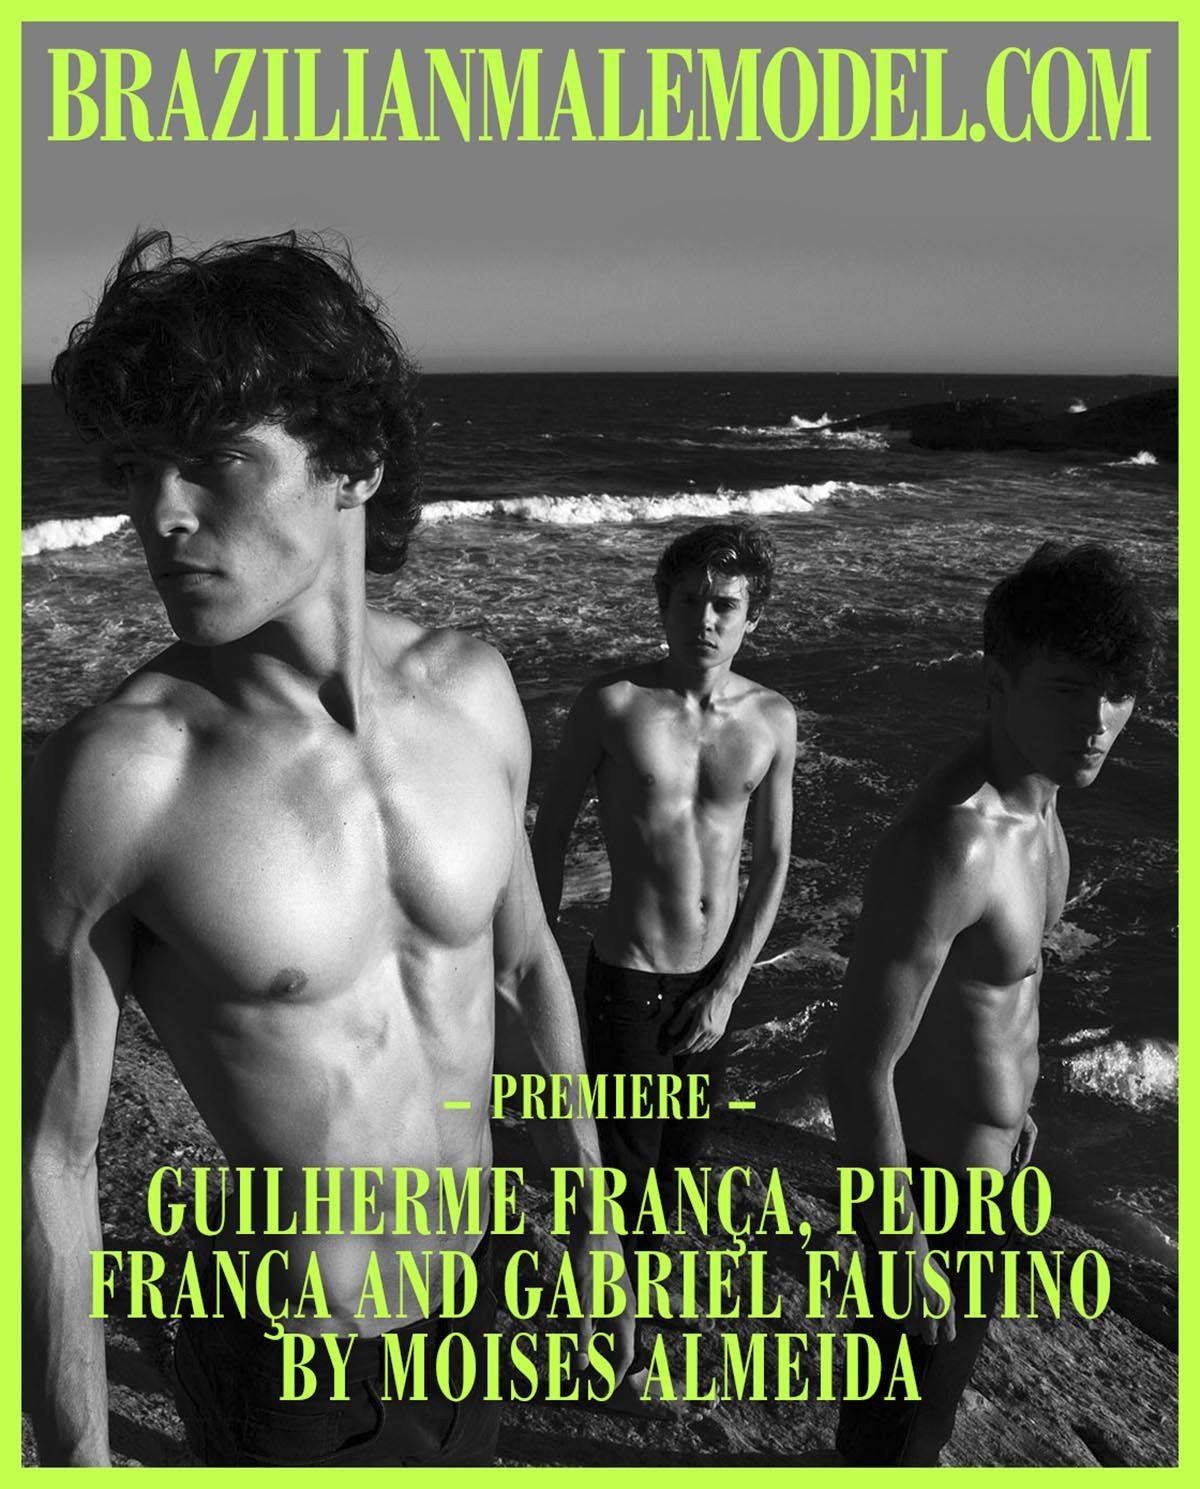 Guilherme França, Pedro França and Gabriel Faustino by Moises Almeida